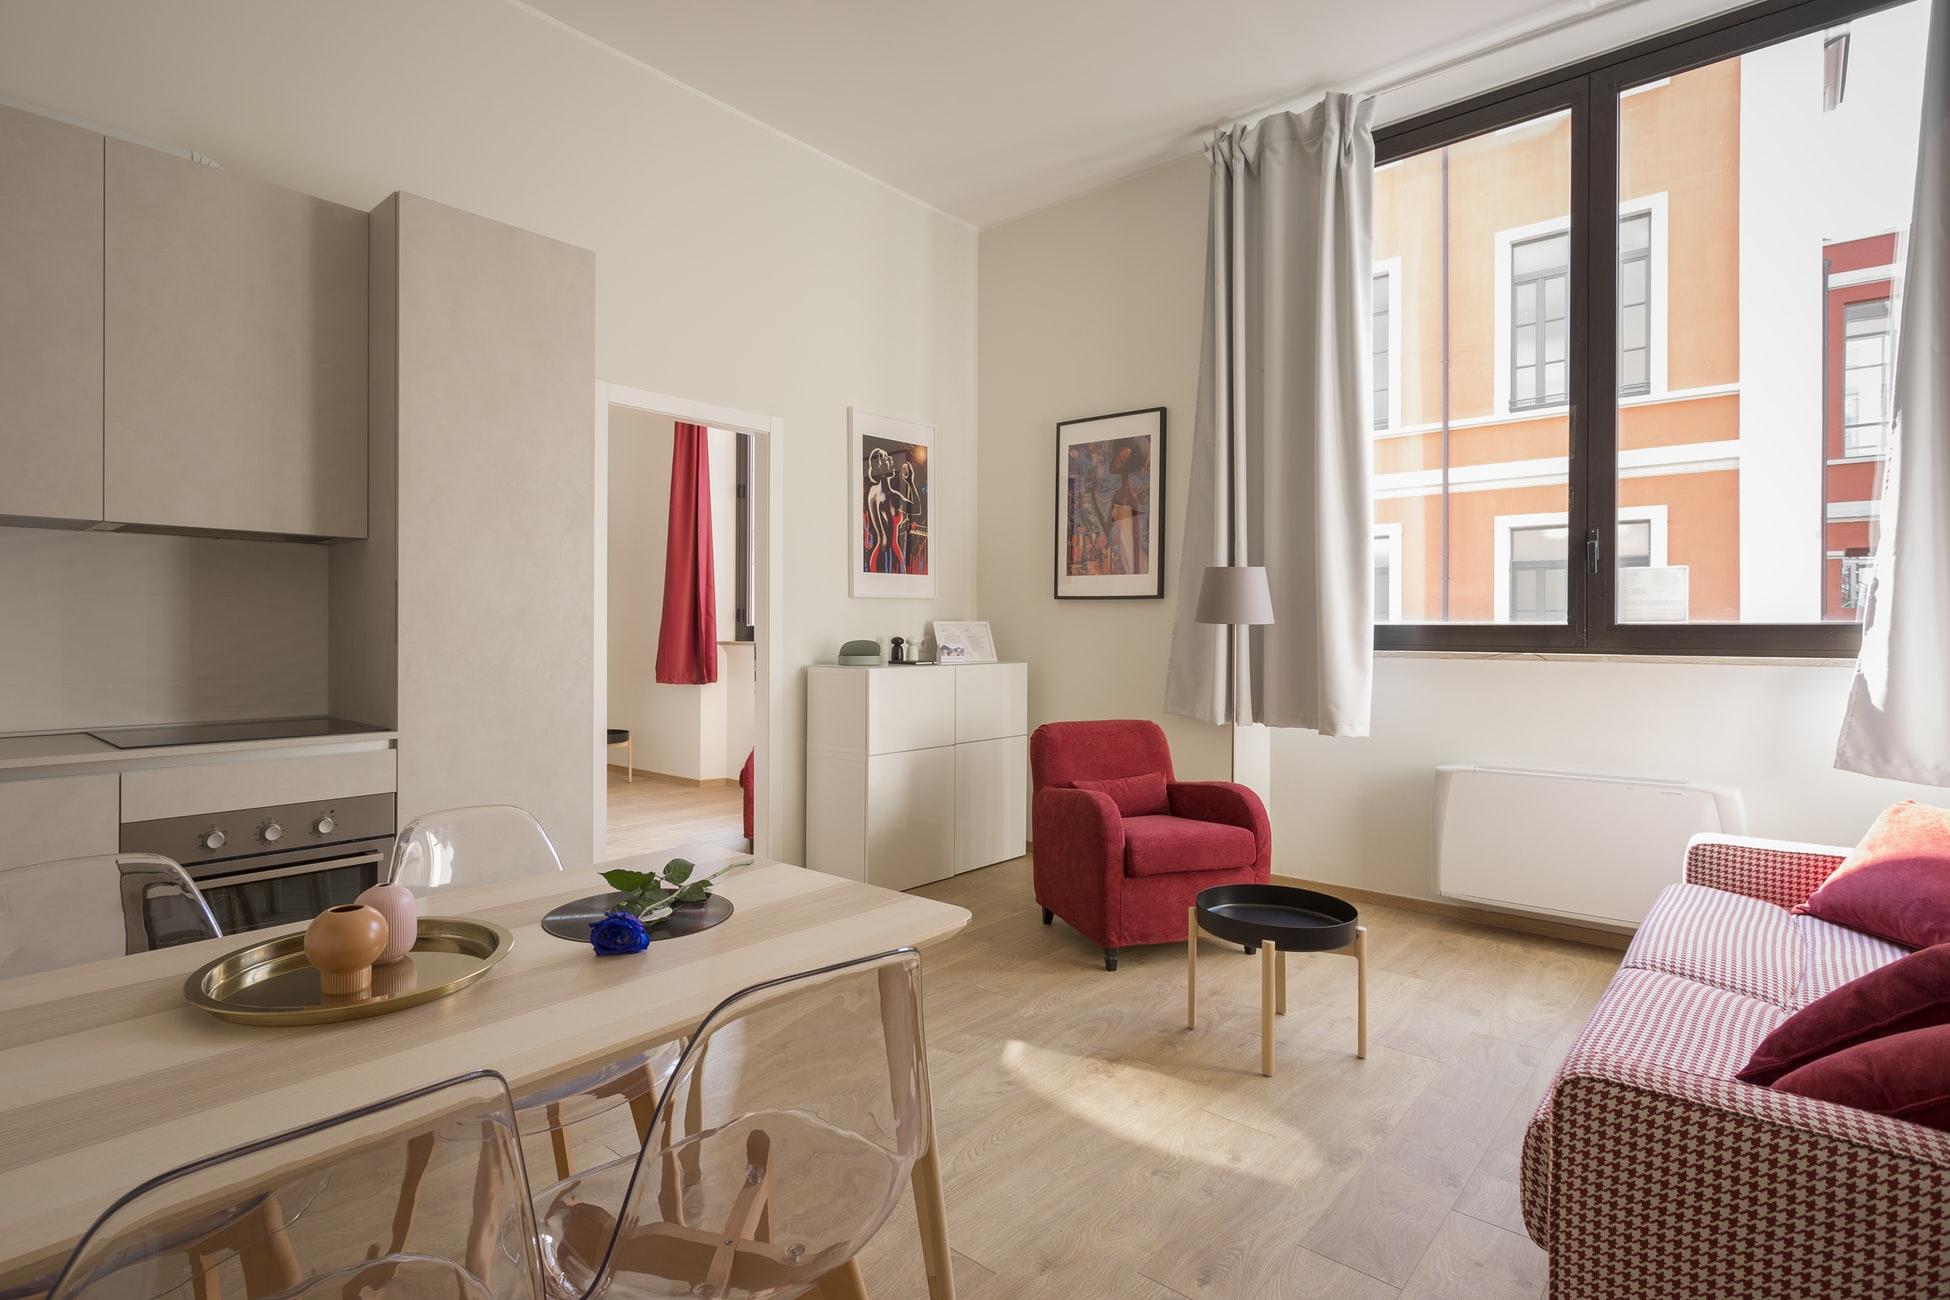 Как обустроить маленькую квартиру: главные «да» и «нет»-Фото 1